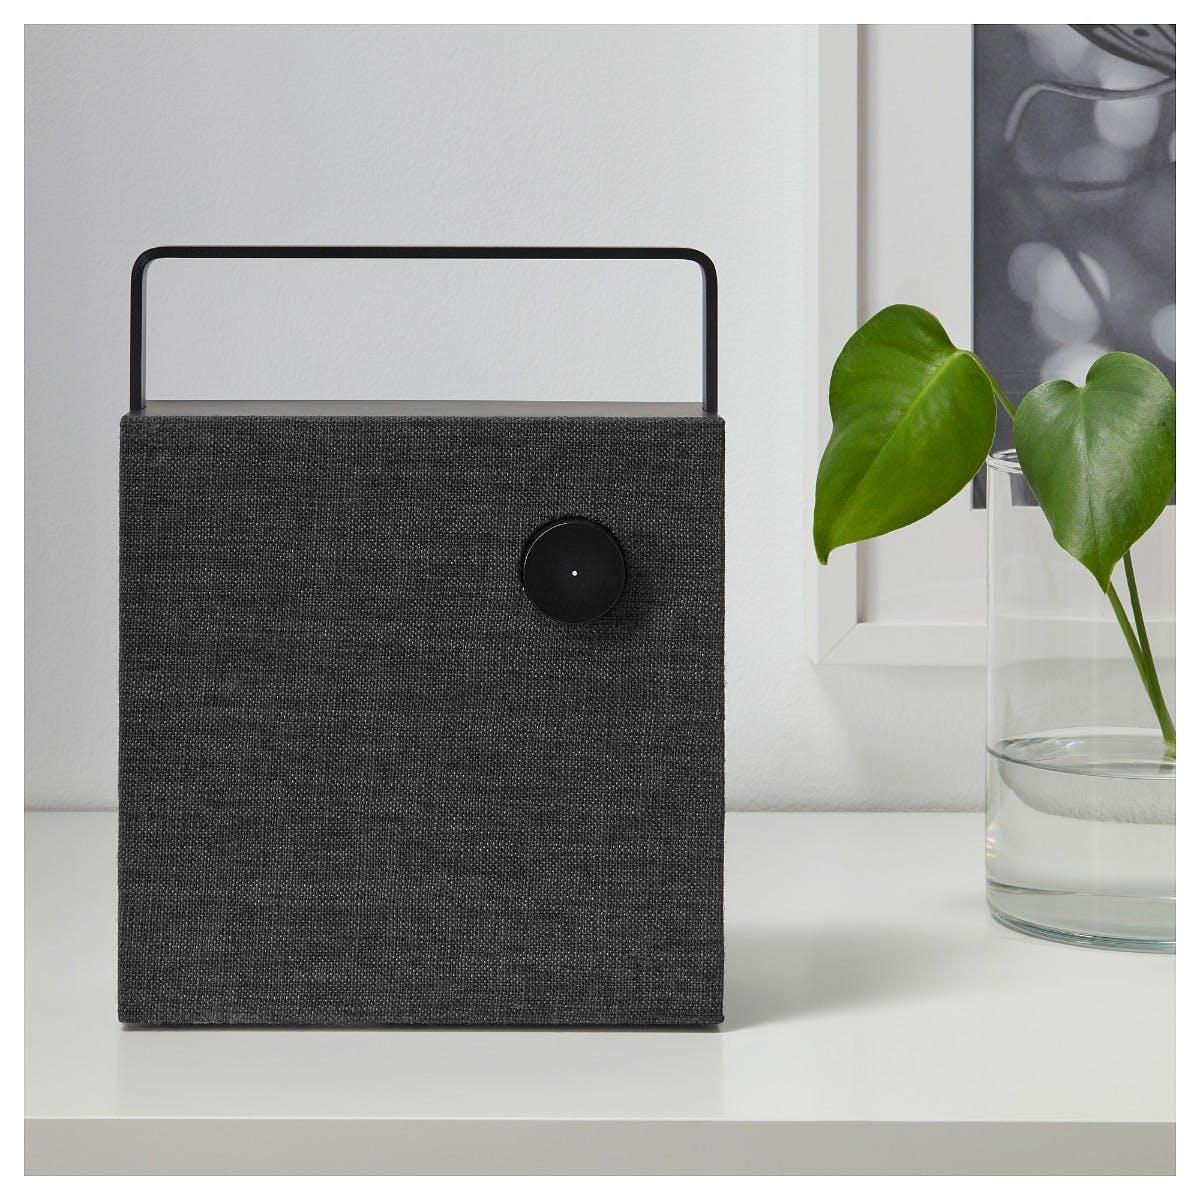 ikea stellt erstmals eigene bluetooth lautsprecher vor t3n. Black Bedroom Furniture Sets. Home Design Ideas